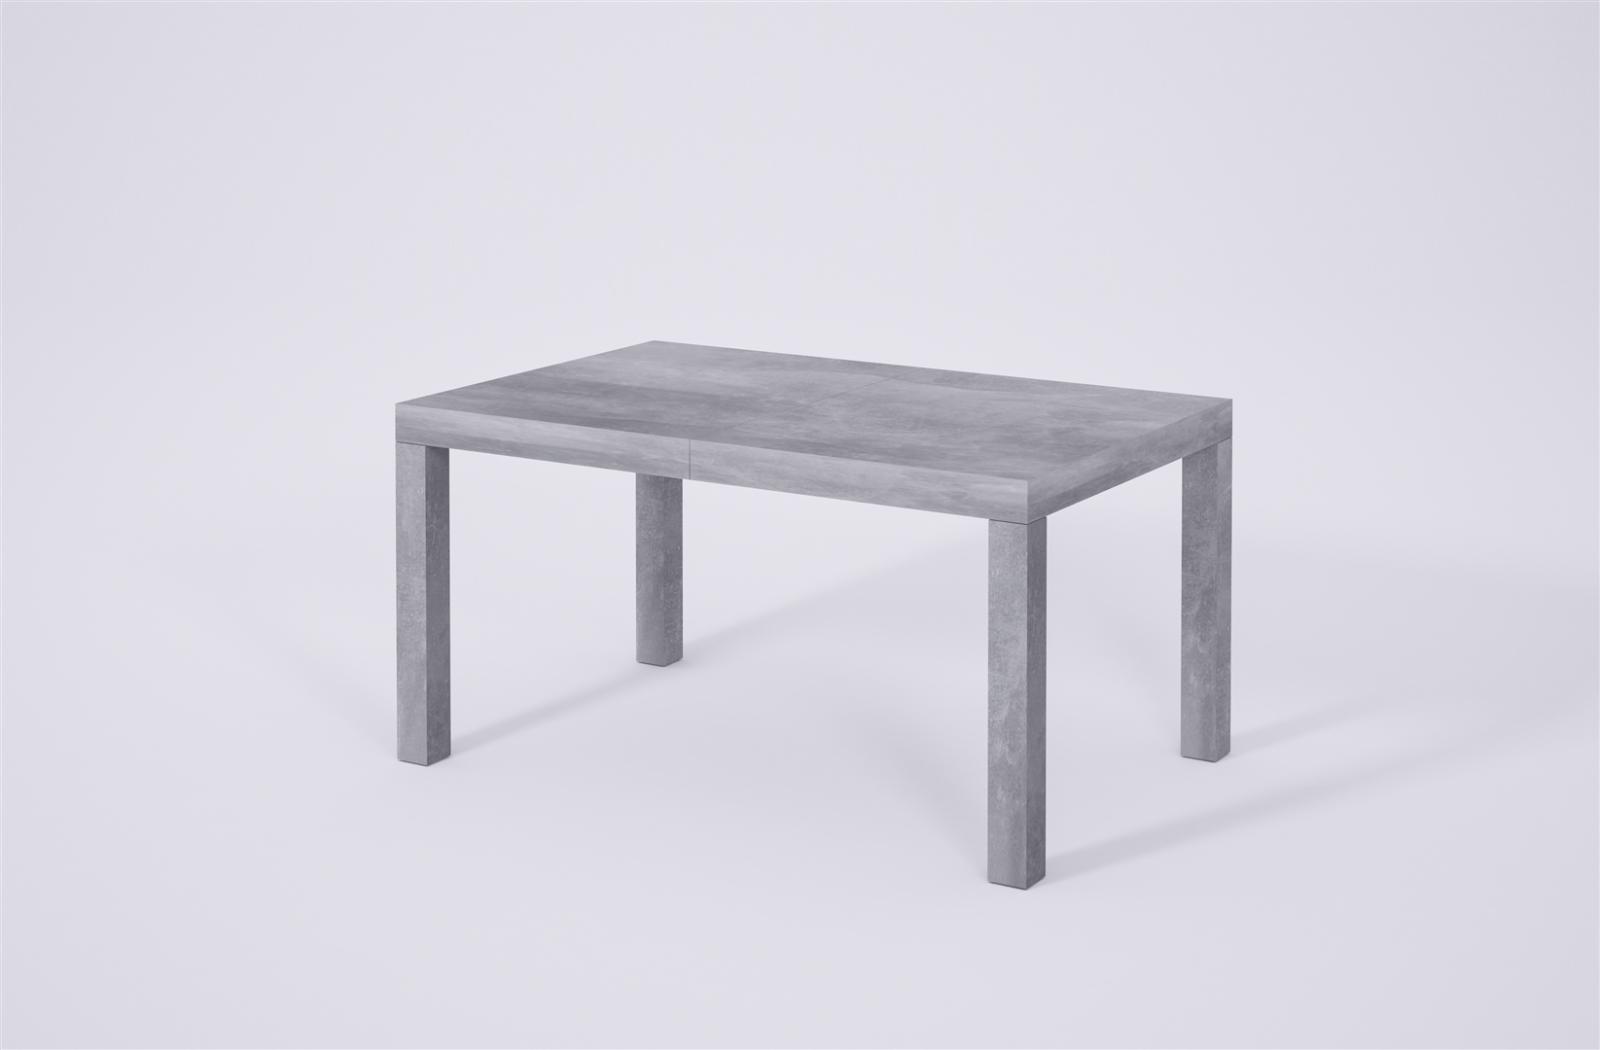 95 wohnzimmer tisch beton emejing beton. Black Bedroom Furniture Sets. Home Design Ideas